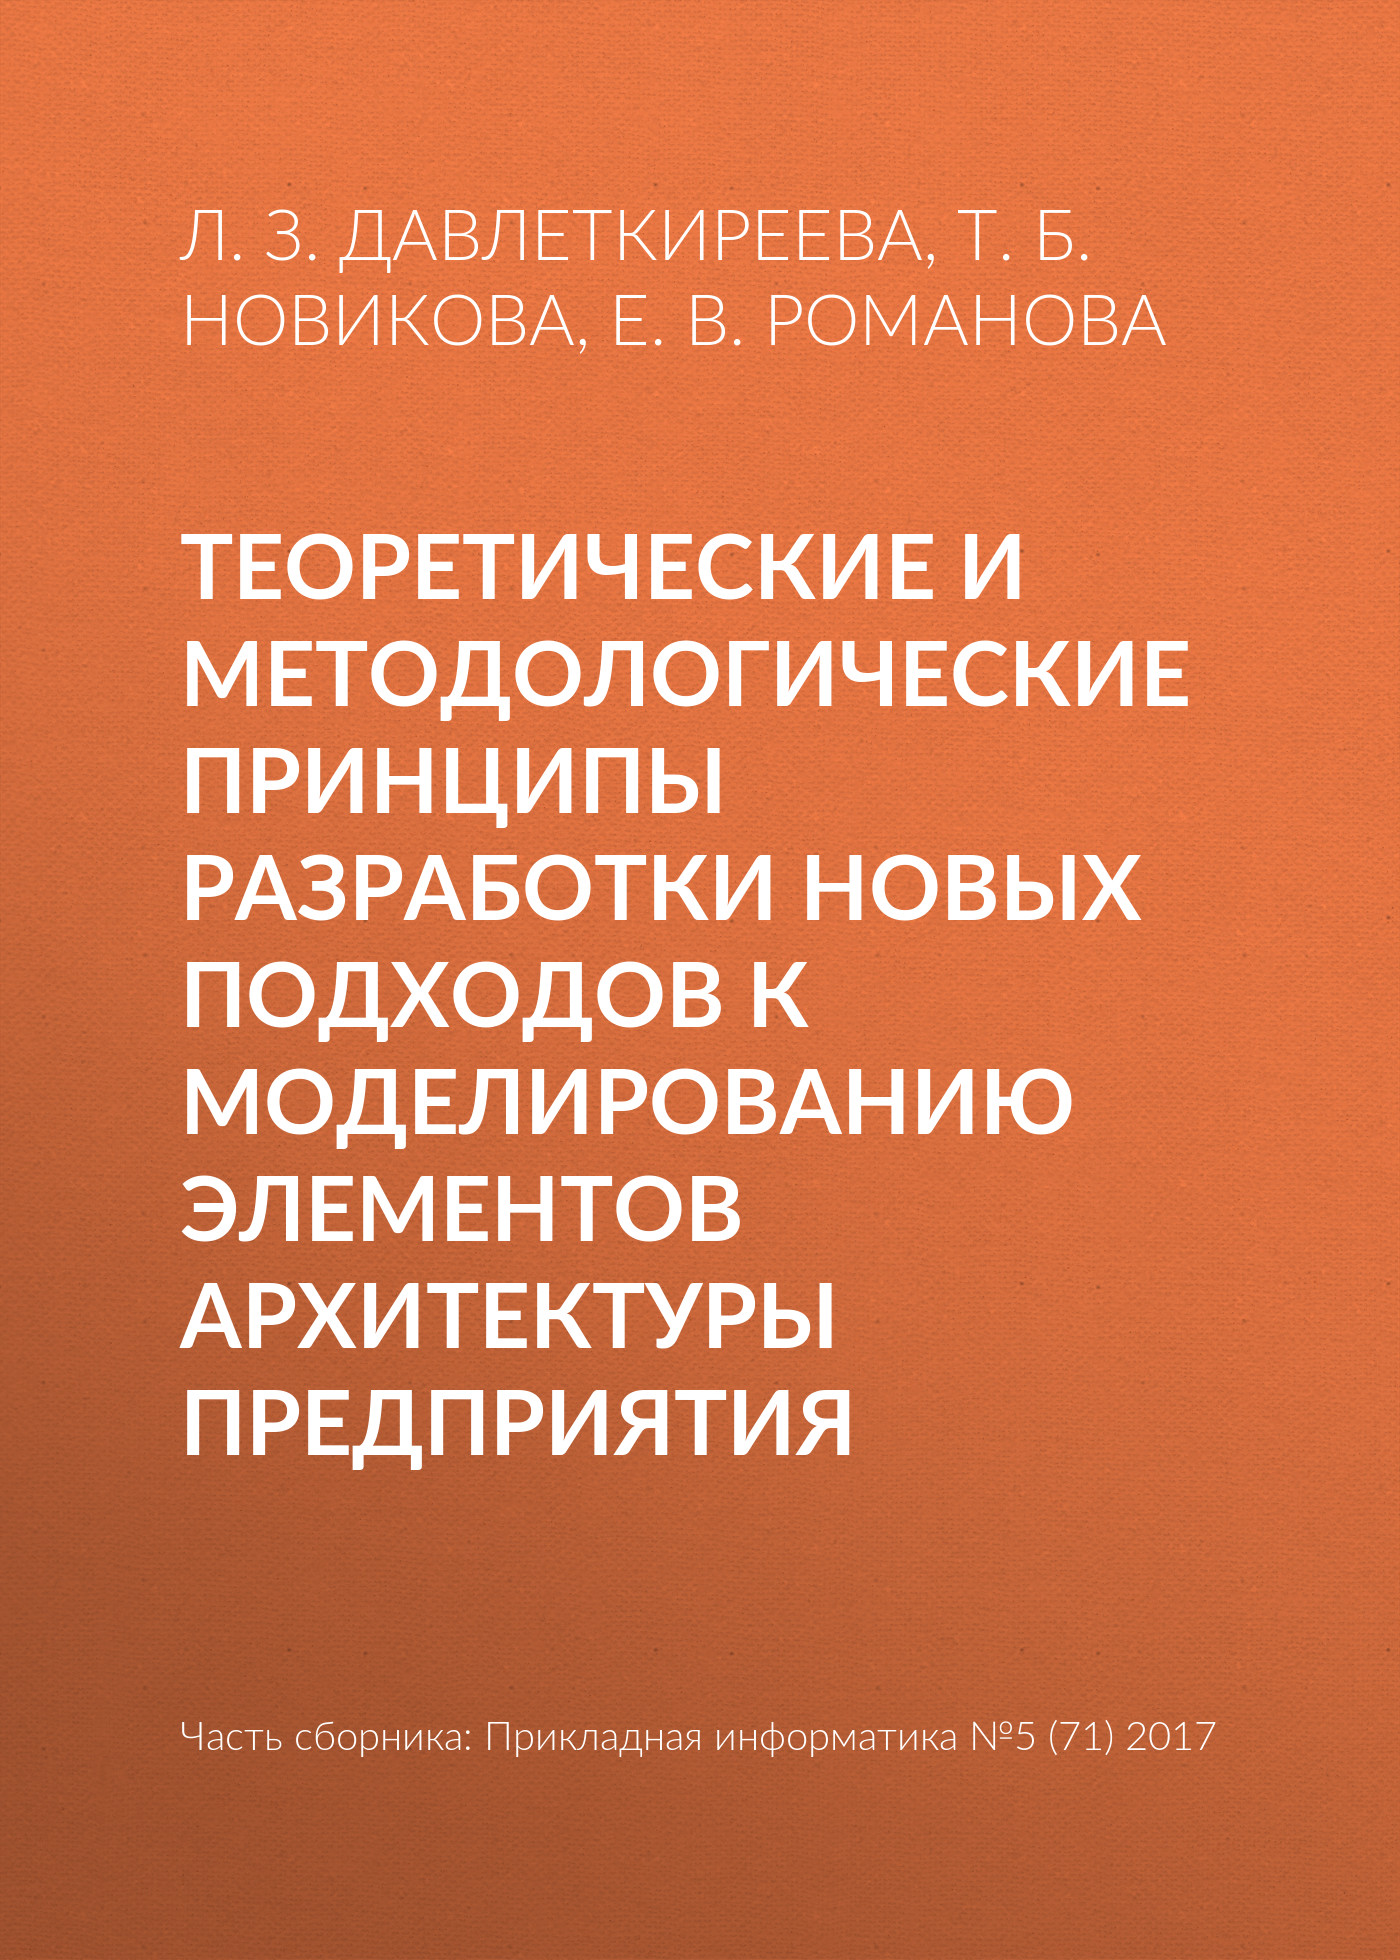 Л. З. Давлеткиреева Теоретические и методологические принципы разработки новых подходов к моделированию элементов архитектуры предприятия